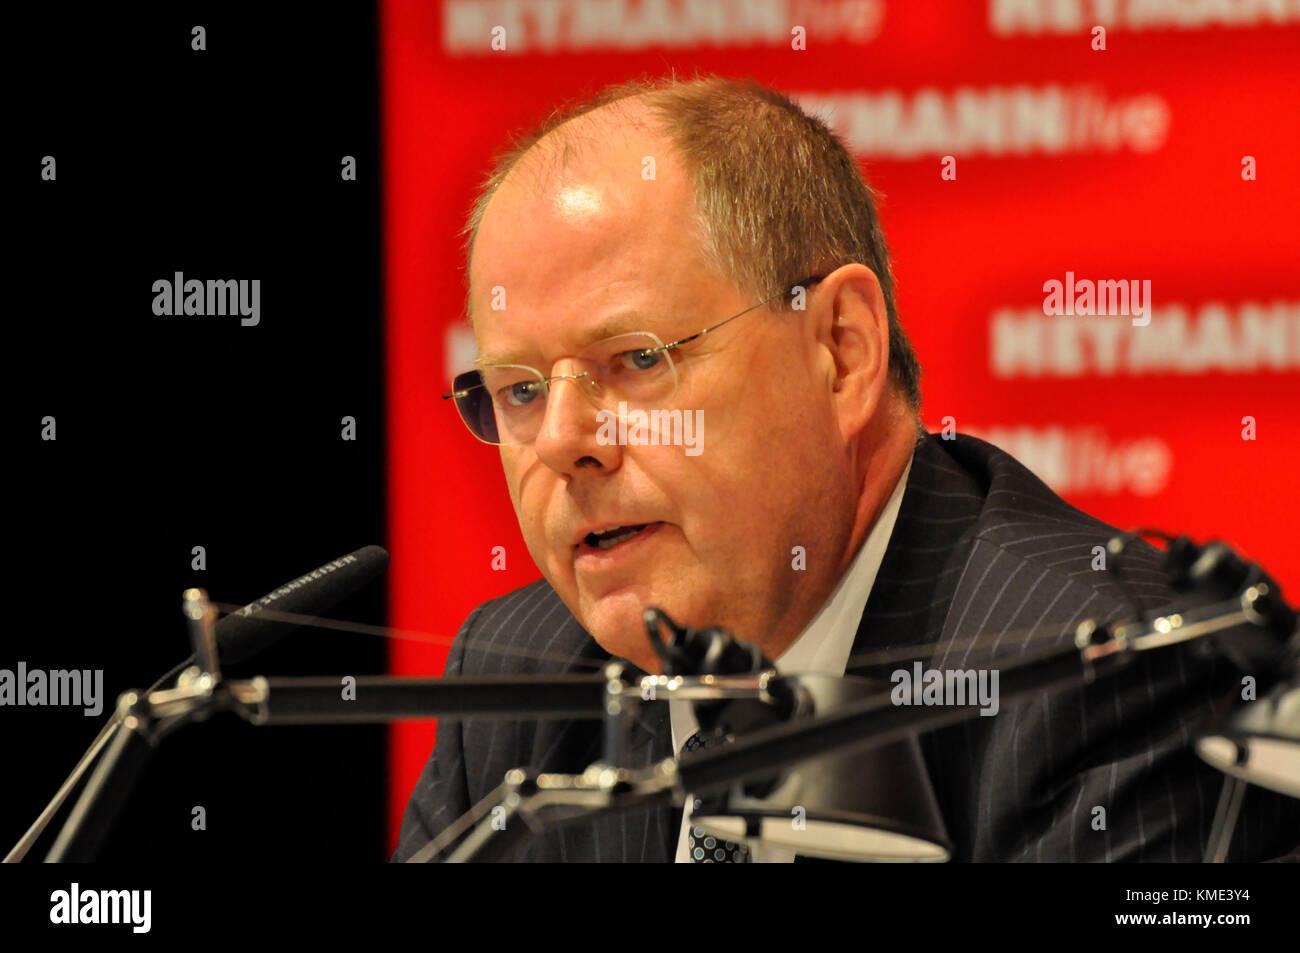 Deutschland, Hamburg, 16.09.2010, Harbour Front Literaturfestival Hamburg. Der ehemalige Bundesfinanzminister Peer - Stock Image